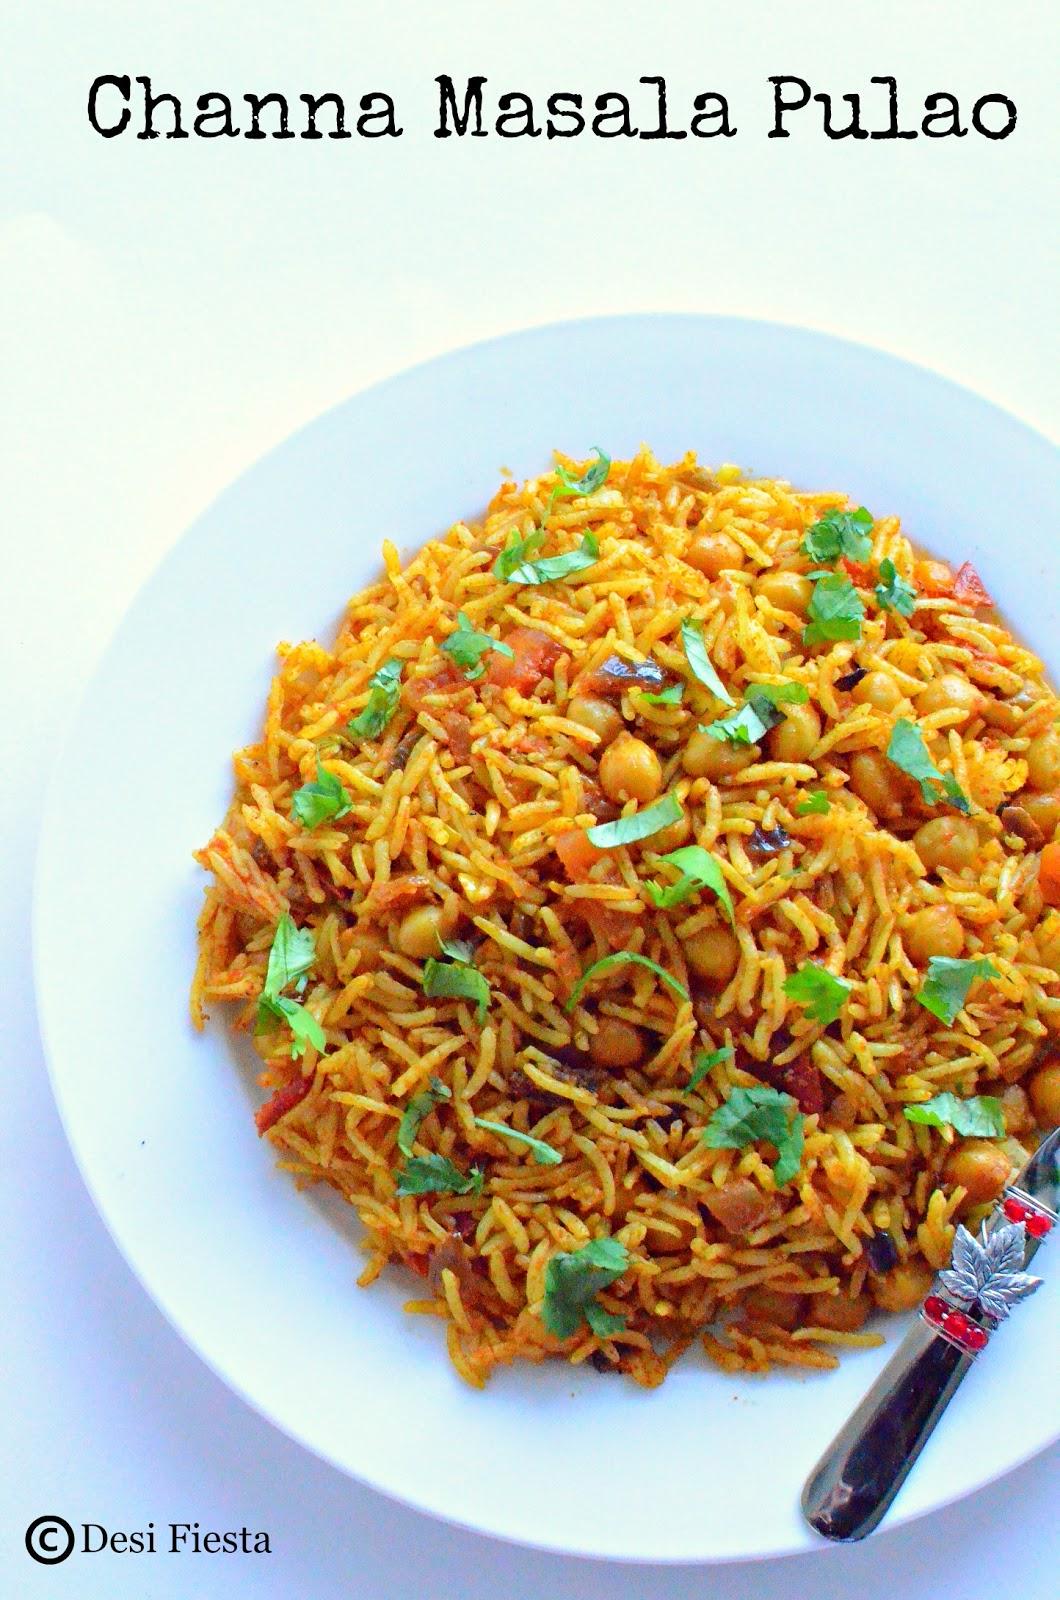 Channa recipes